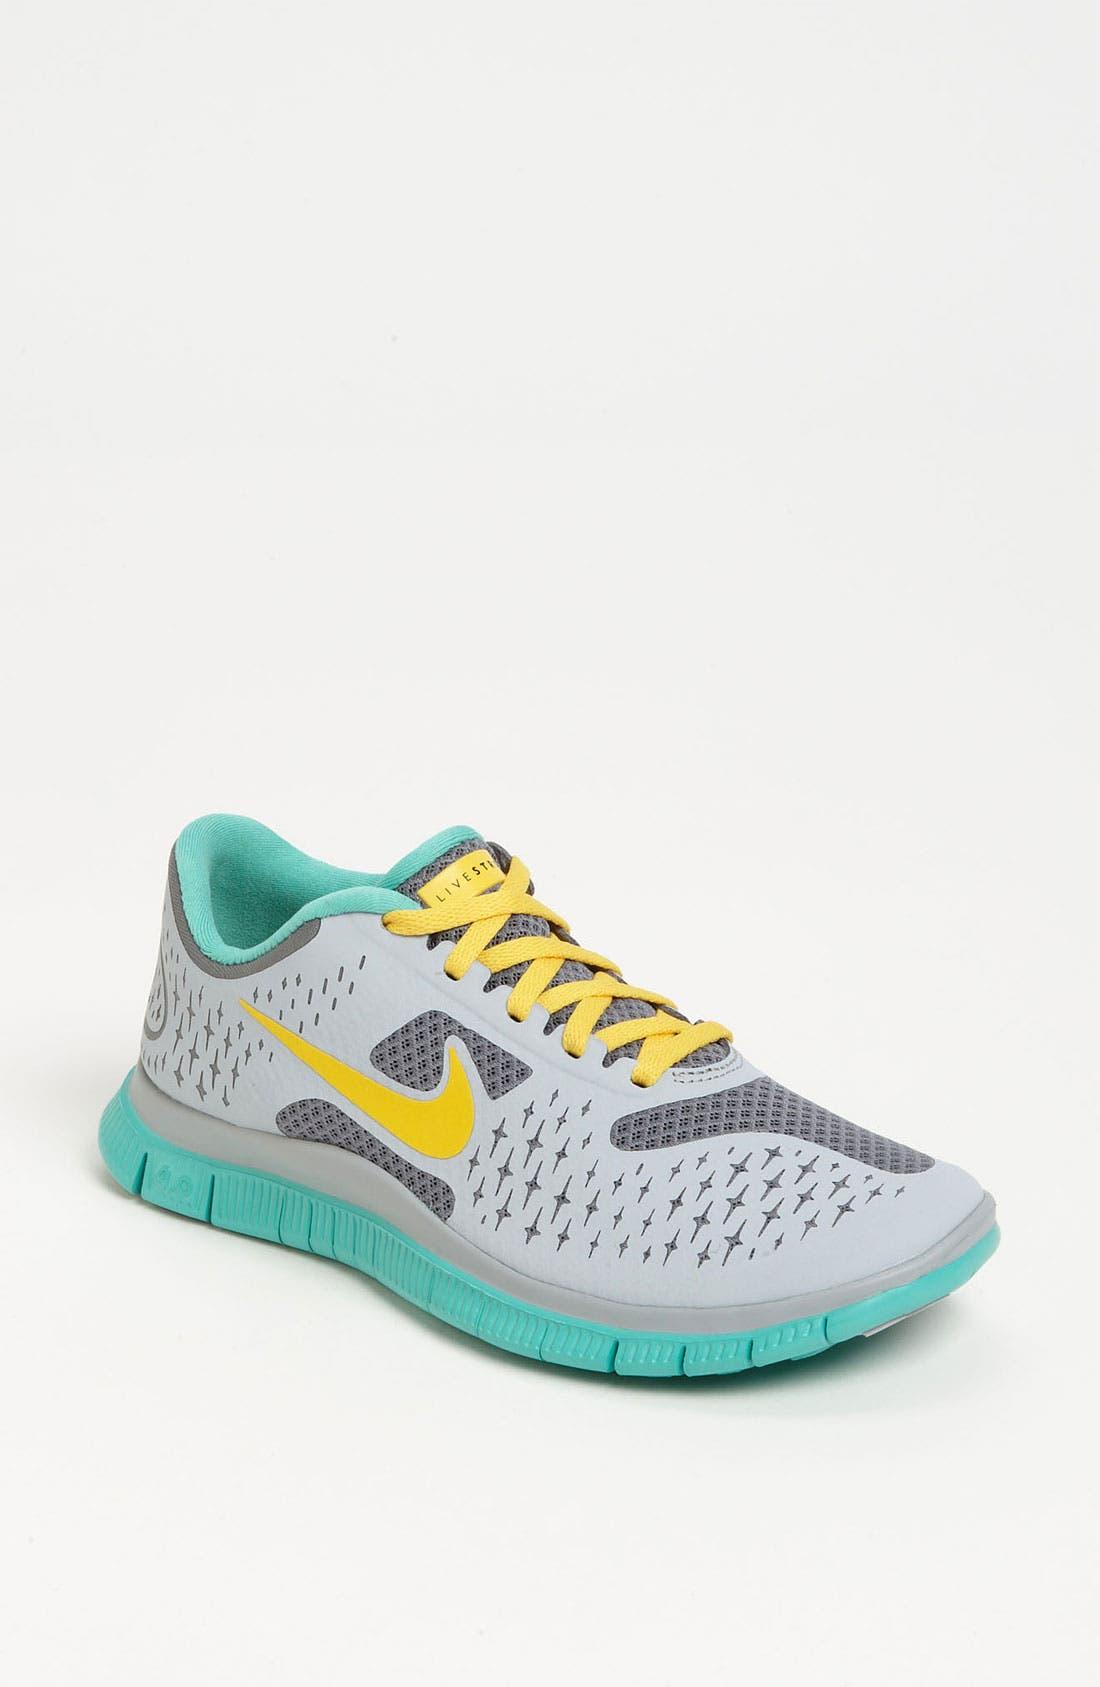 Alternate Image 1 Selected - Nike 'Free 4.0 V2 Livestrong' Running Shoe (Women)